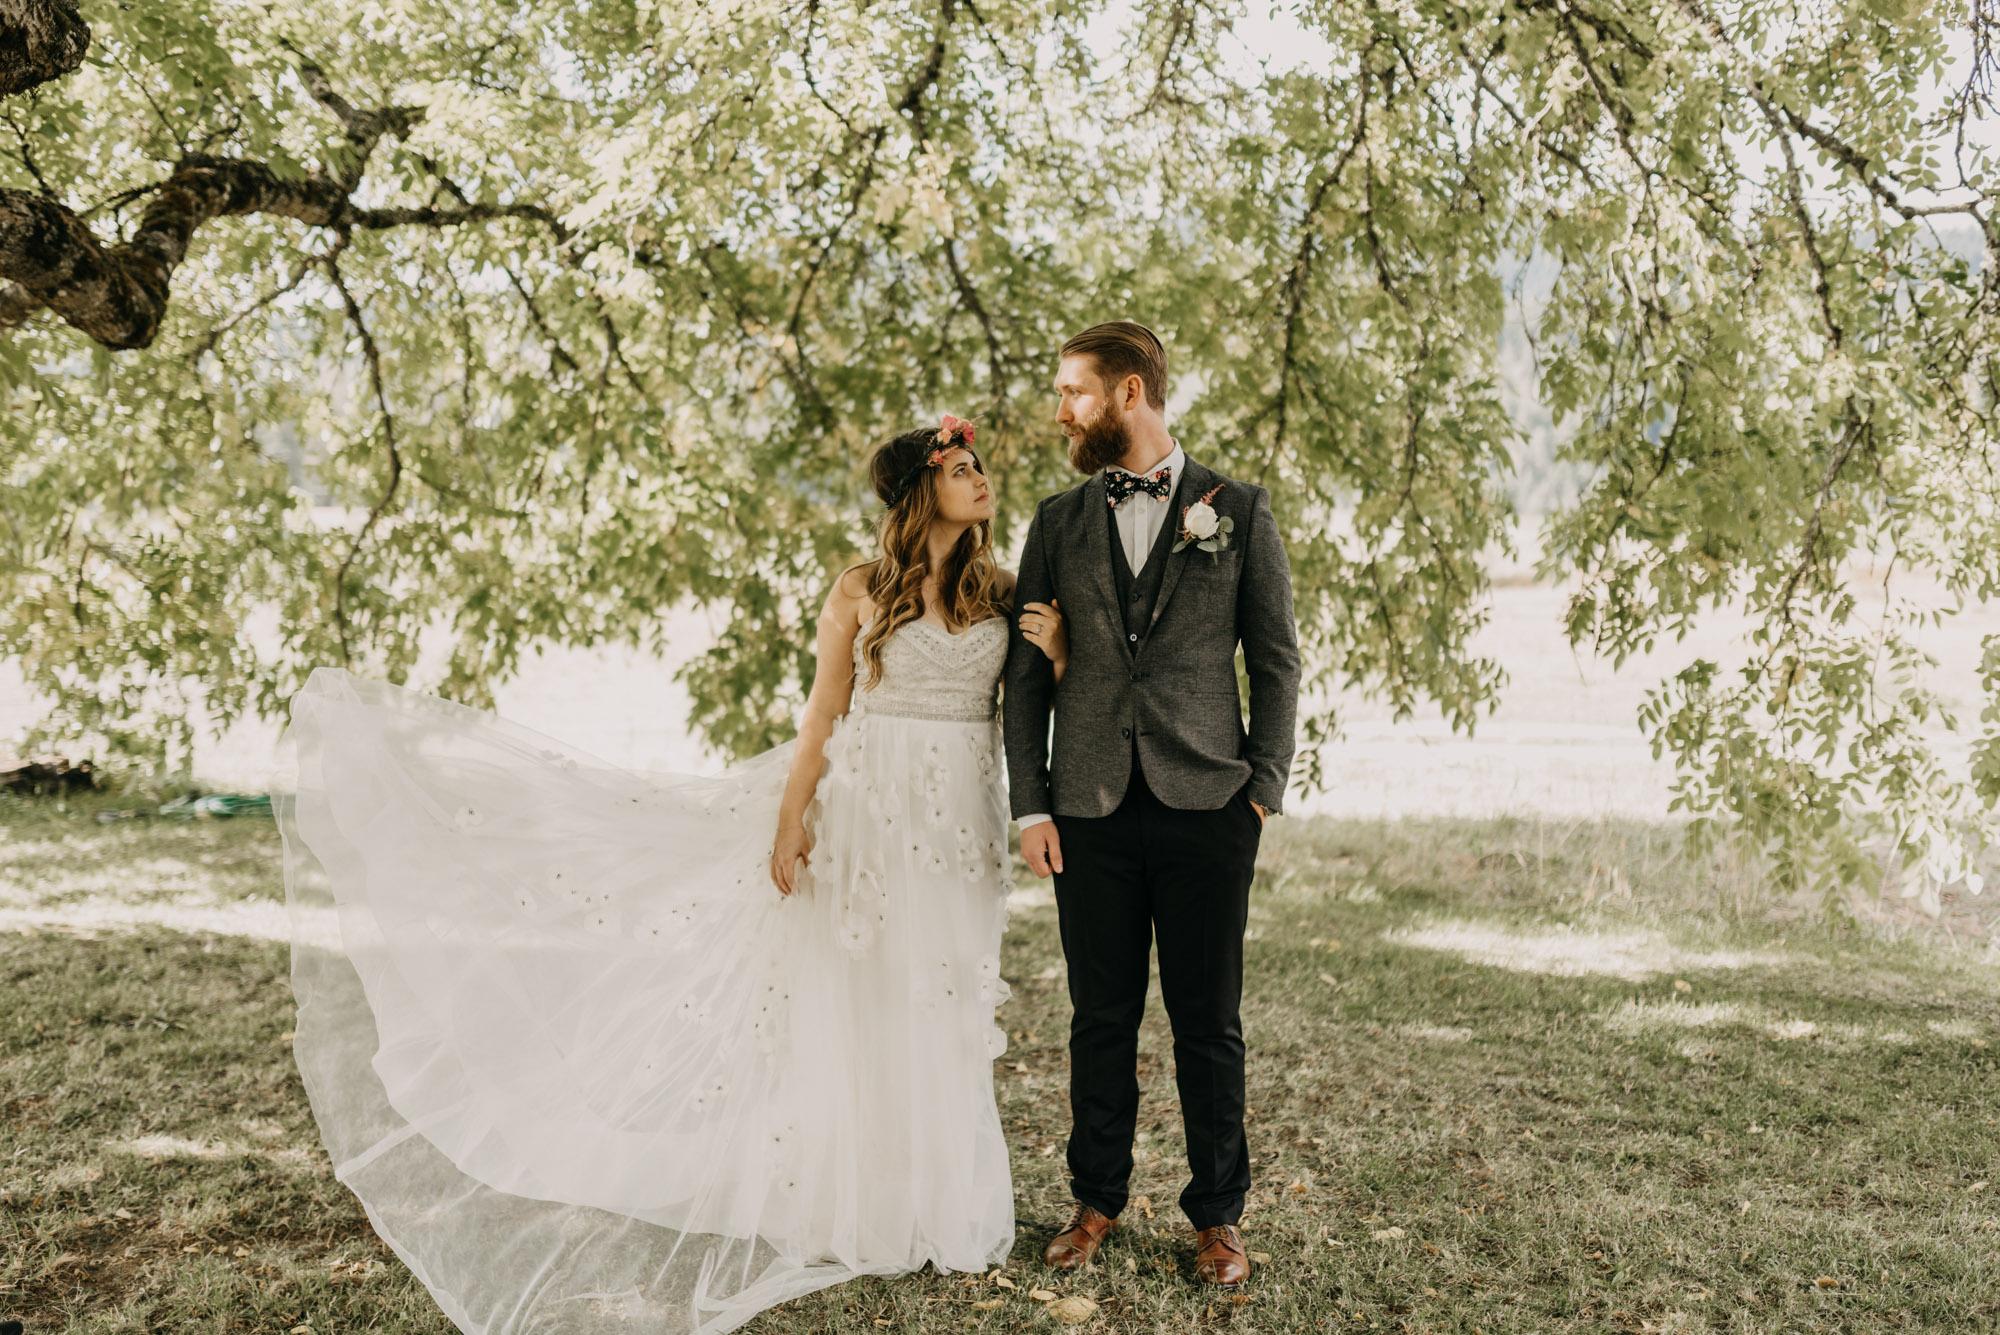 Outdoor-First-Look-Washington-Wedding-Barn-Door-8302.jpg